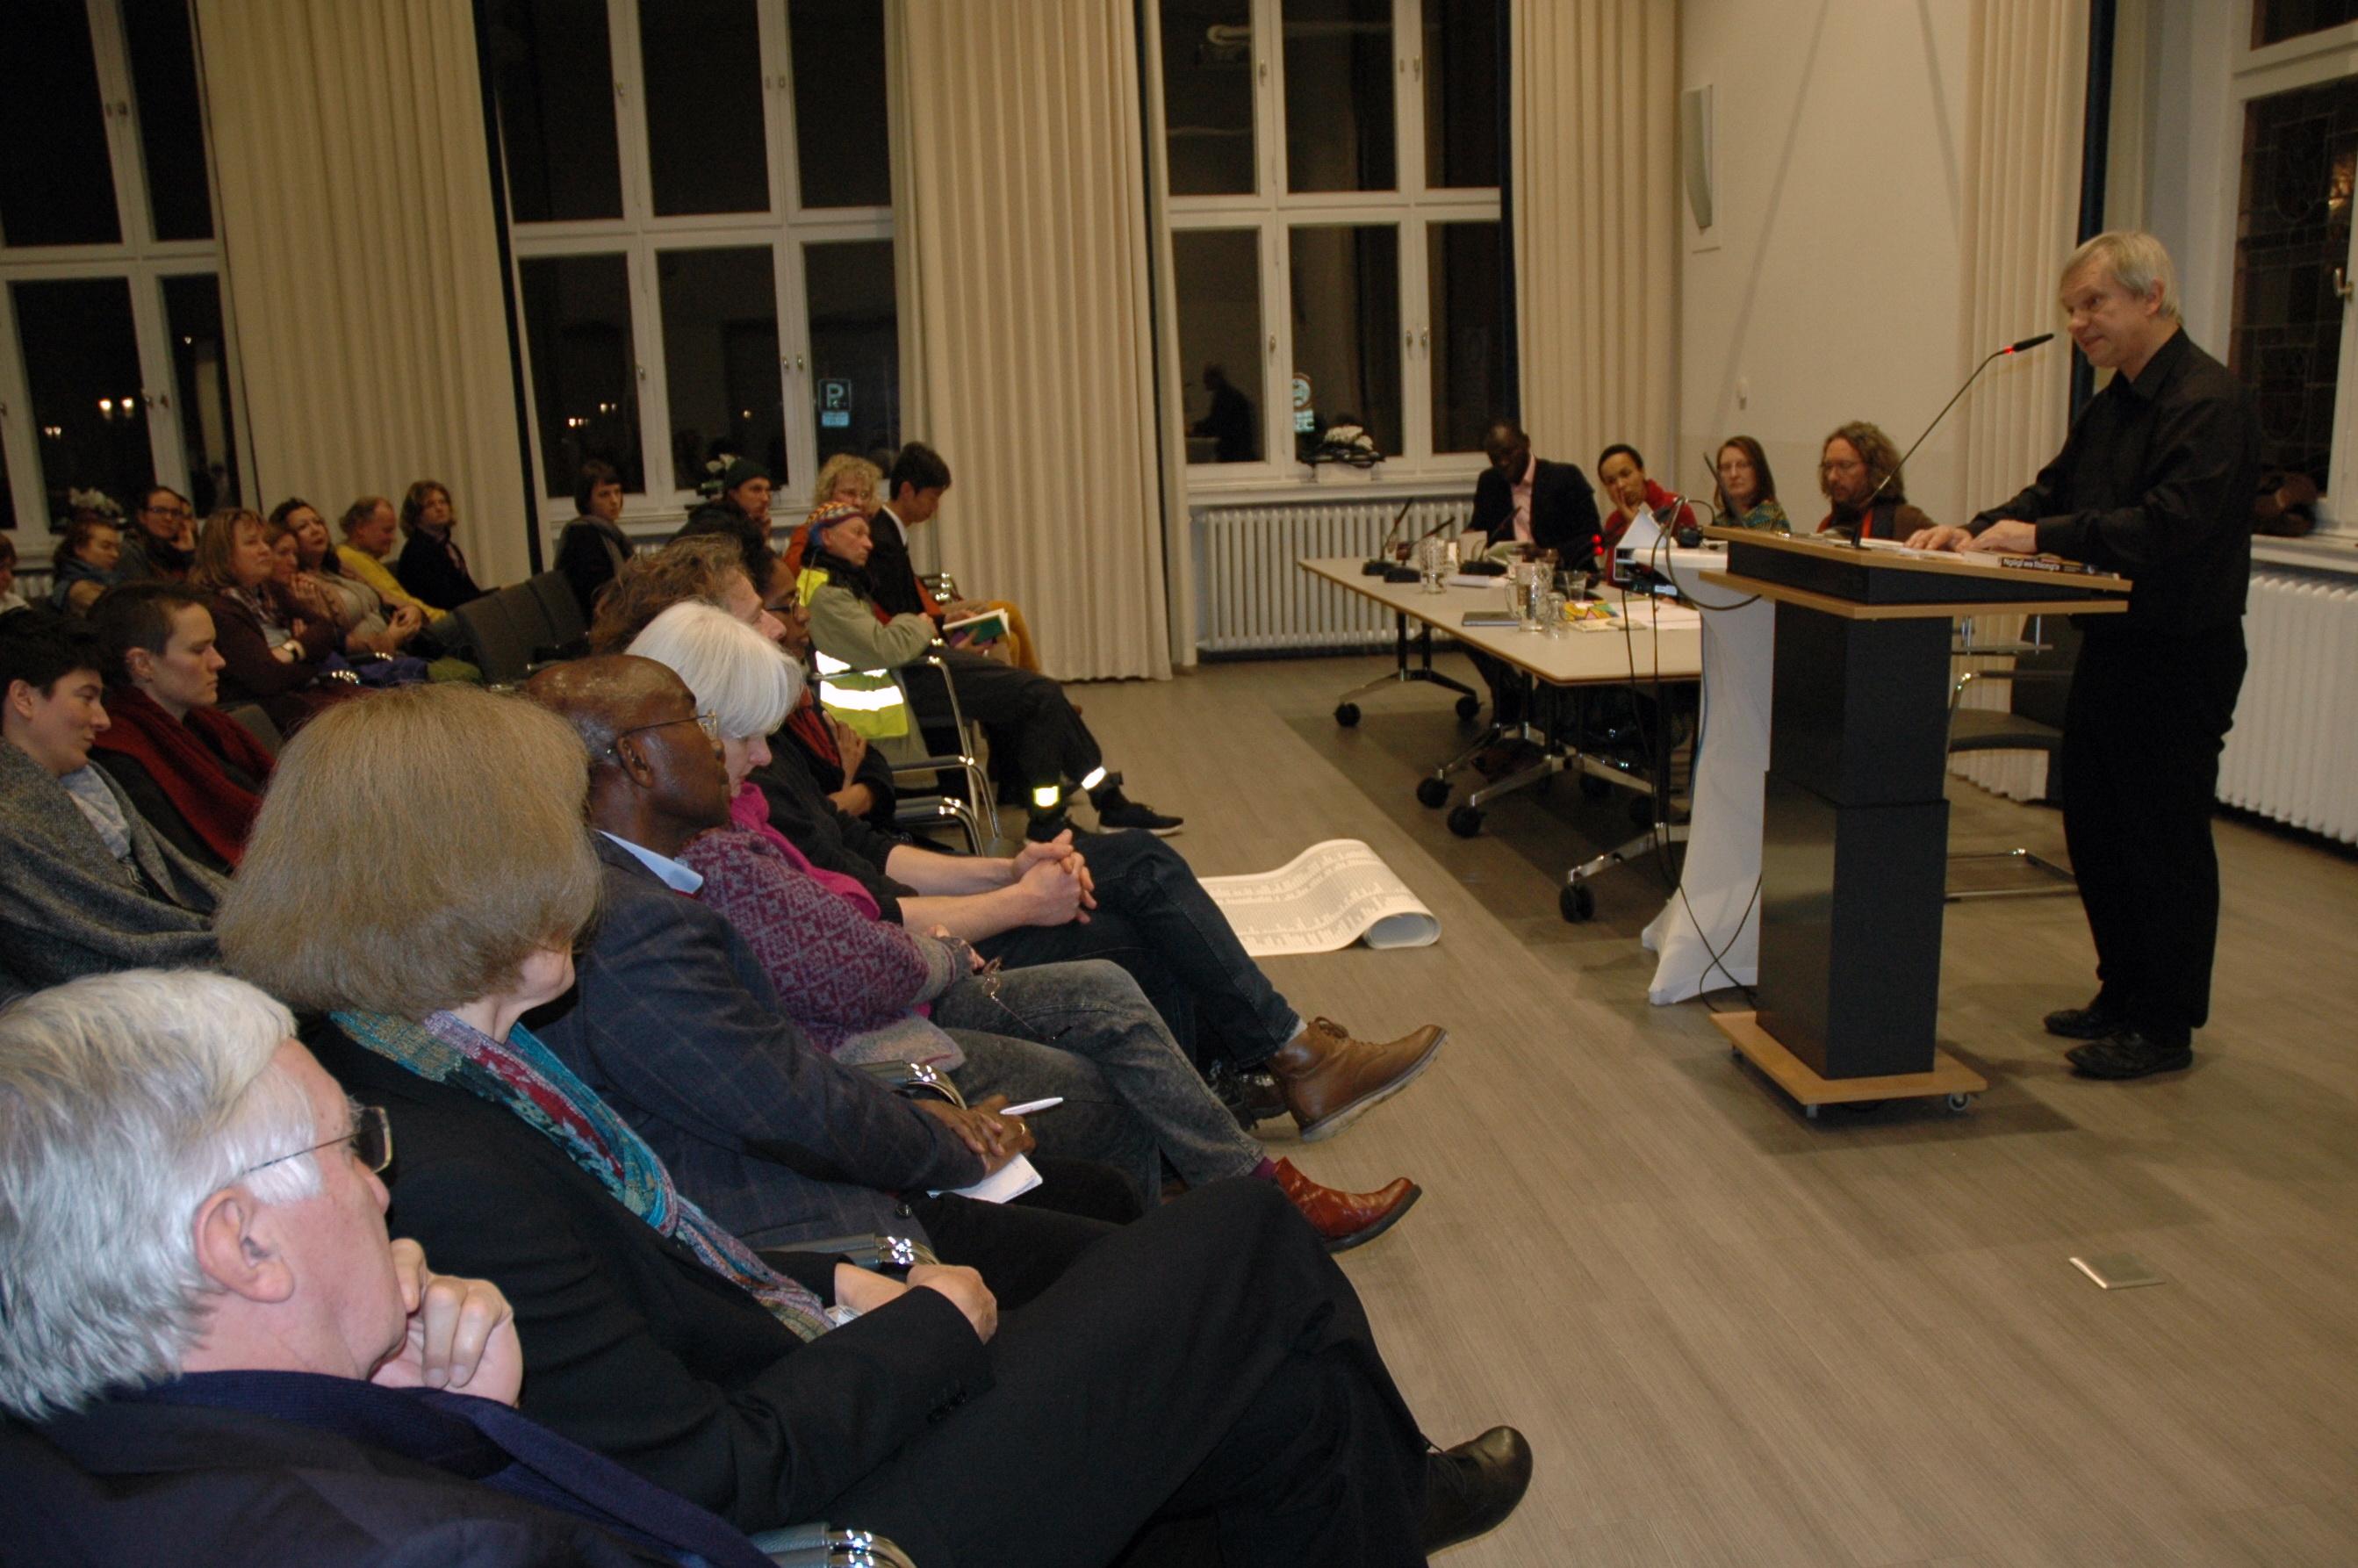 Foto: Afrika-Kooperative Münster e.V.